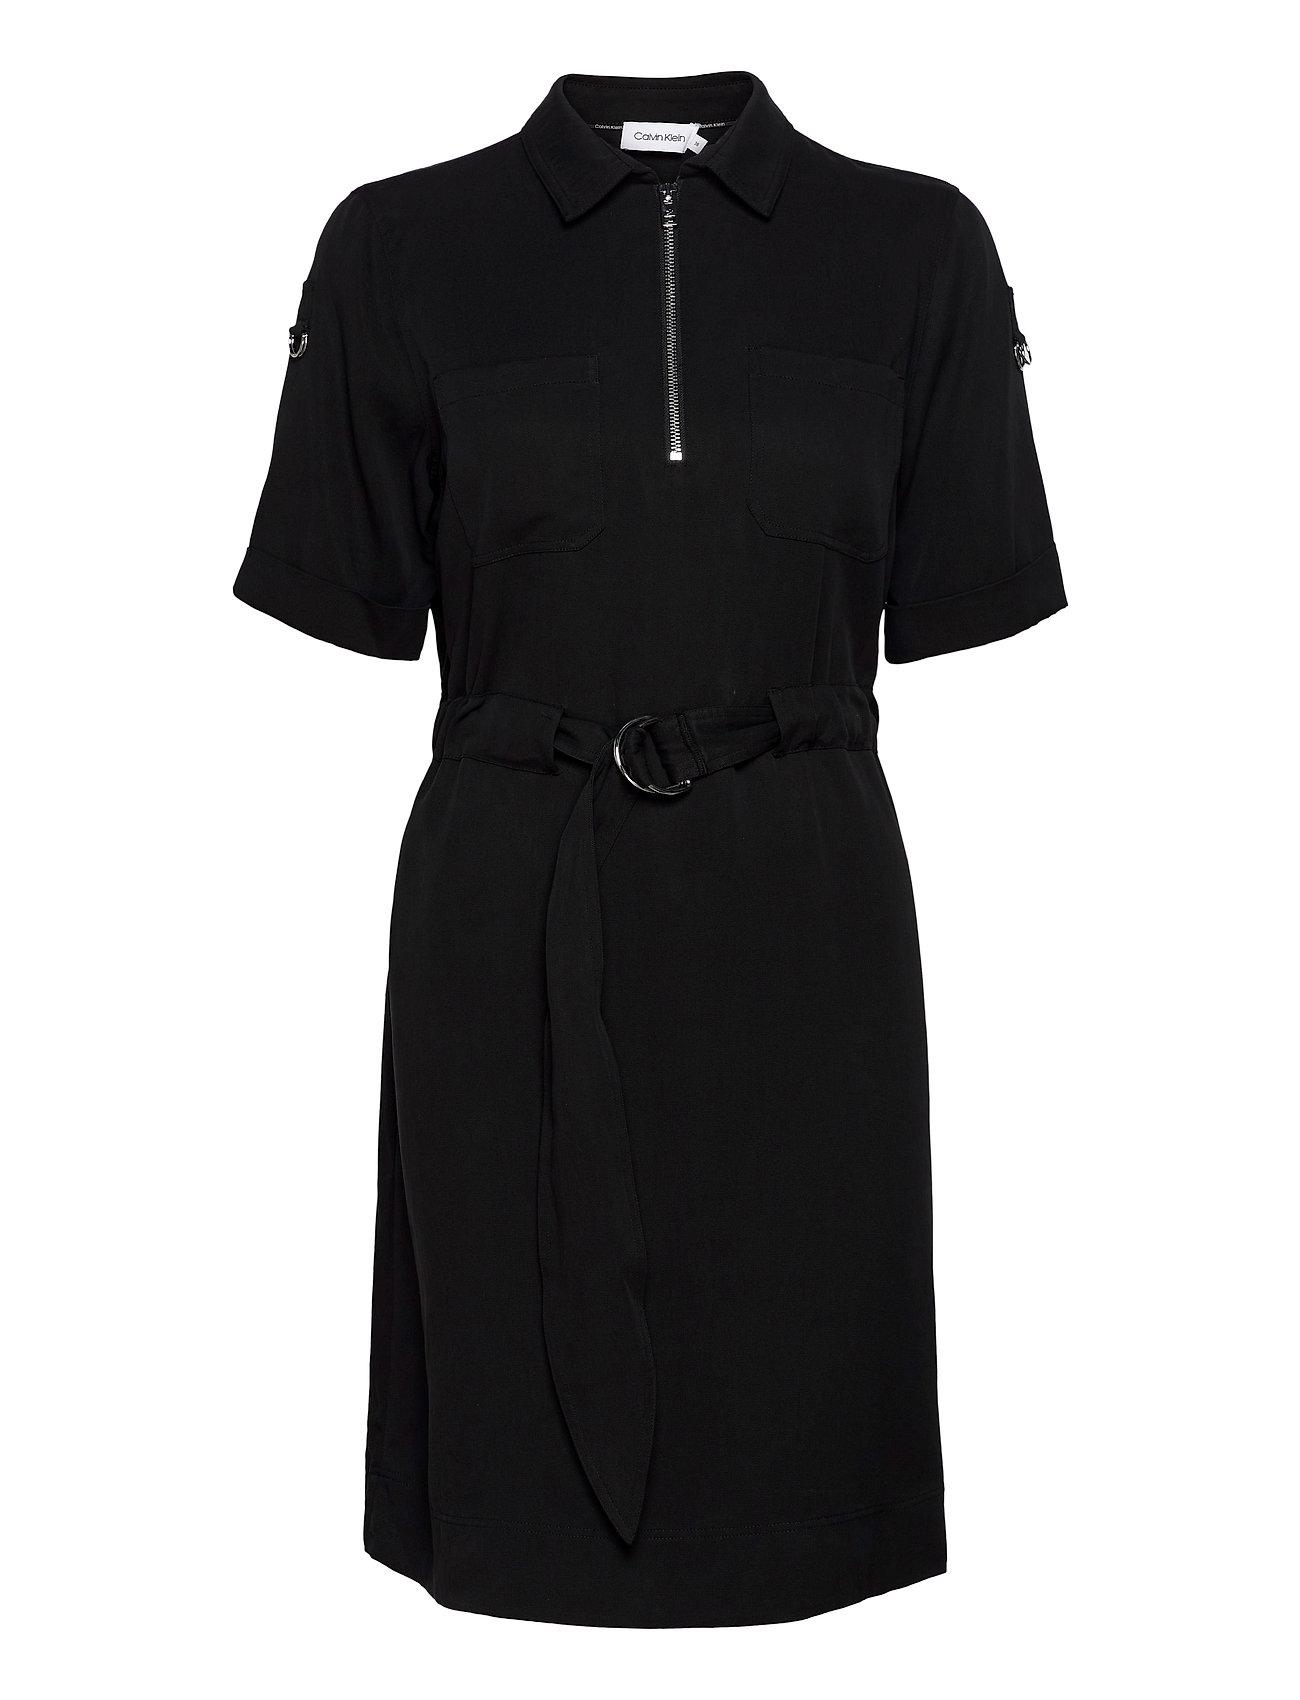 CALVIN KLEIN Kleider | Tencel 3/4 Slv Zip Up Mini Dress Kleid Knielang Schwarz CALVIN KLEIN